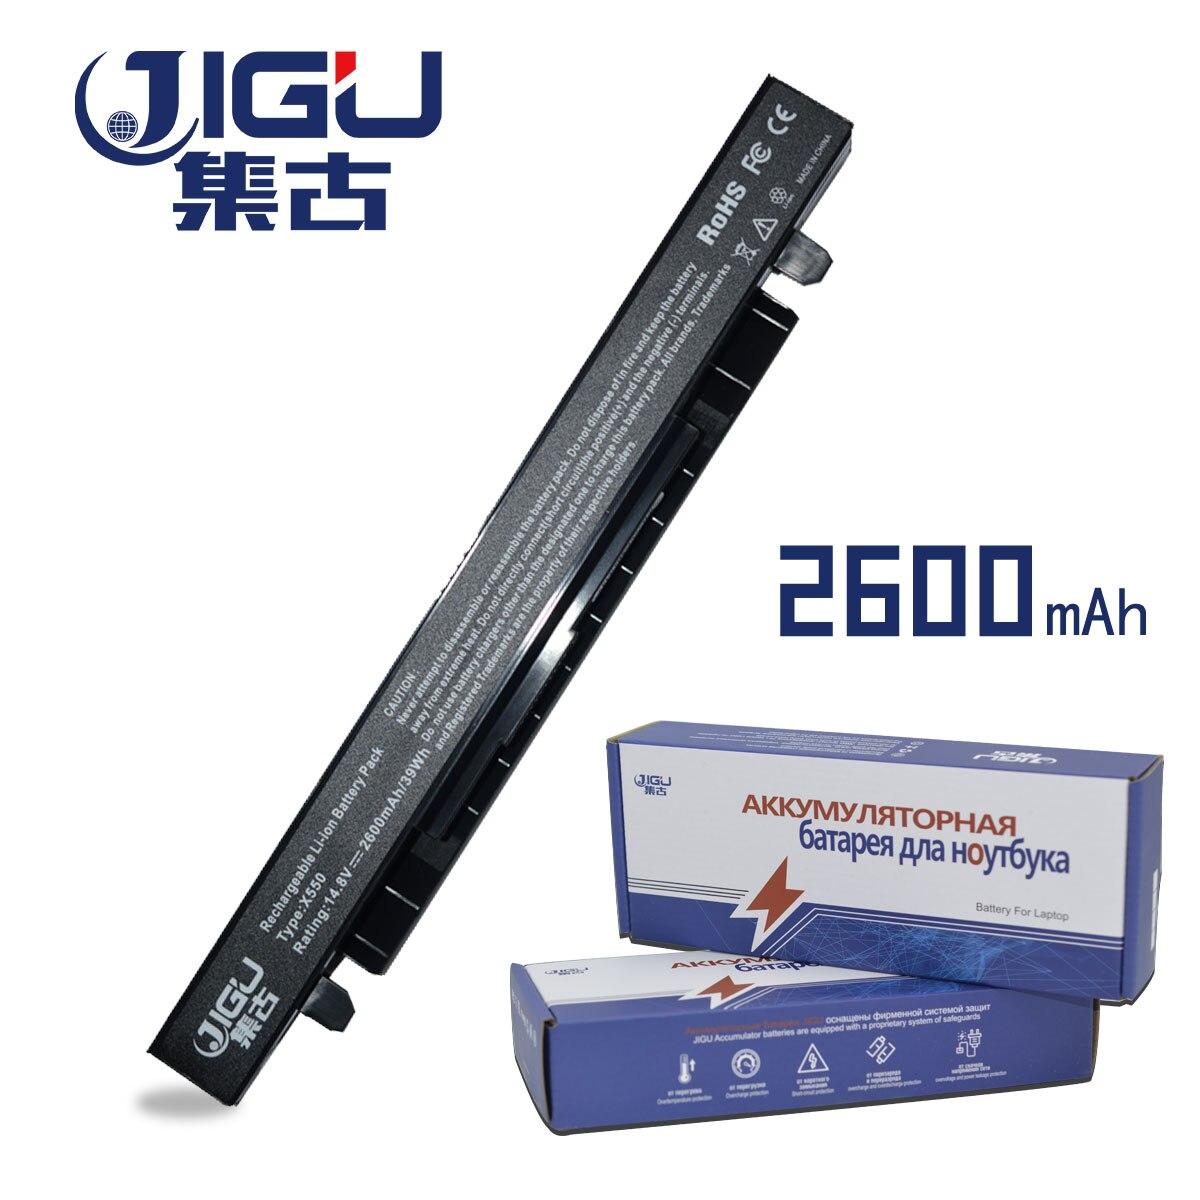 JIGU 4 Cells Laptop Battery For Asus R409V R510C R510D R510E R510L R510V X450C X450C X450L X450V X452C X452E X550C X550CA X550CA